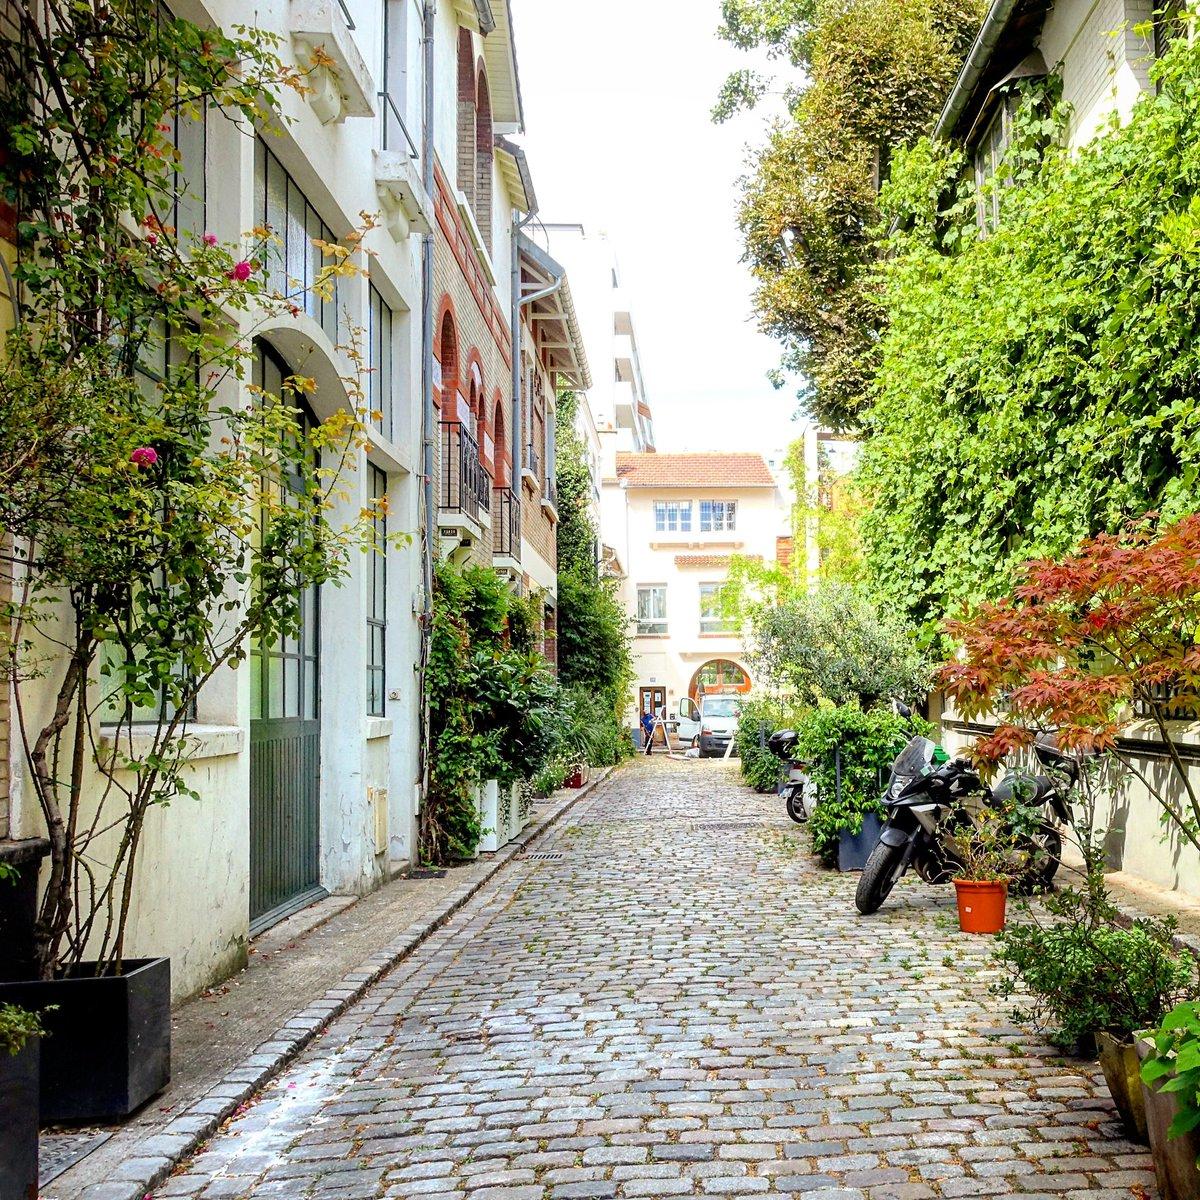 Villa Santos-Dumont, fin d'été, atmosphère bucolique - Paris 15   #parisladouce #paris #pariscartepostale #parisjetaime #cityguide #pariscityguide #paris15 #villasantosdumont #streetsofparis #thisisparis #parismaville #vaugirard